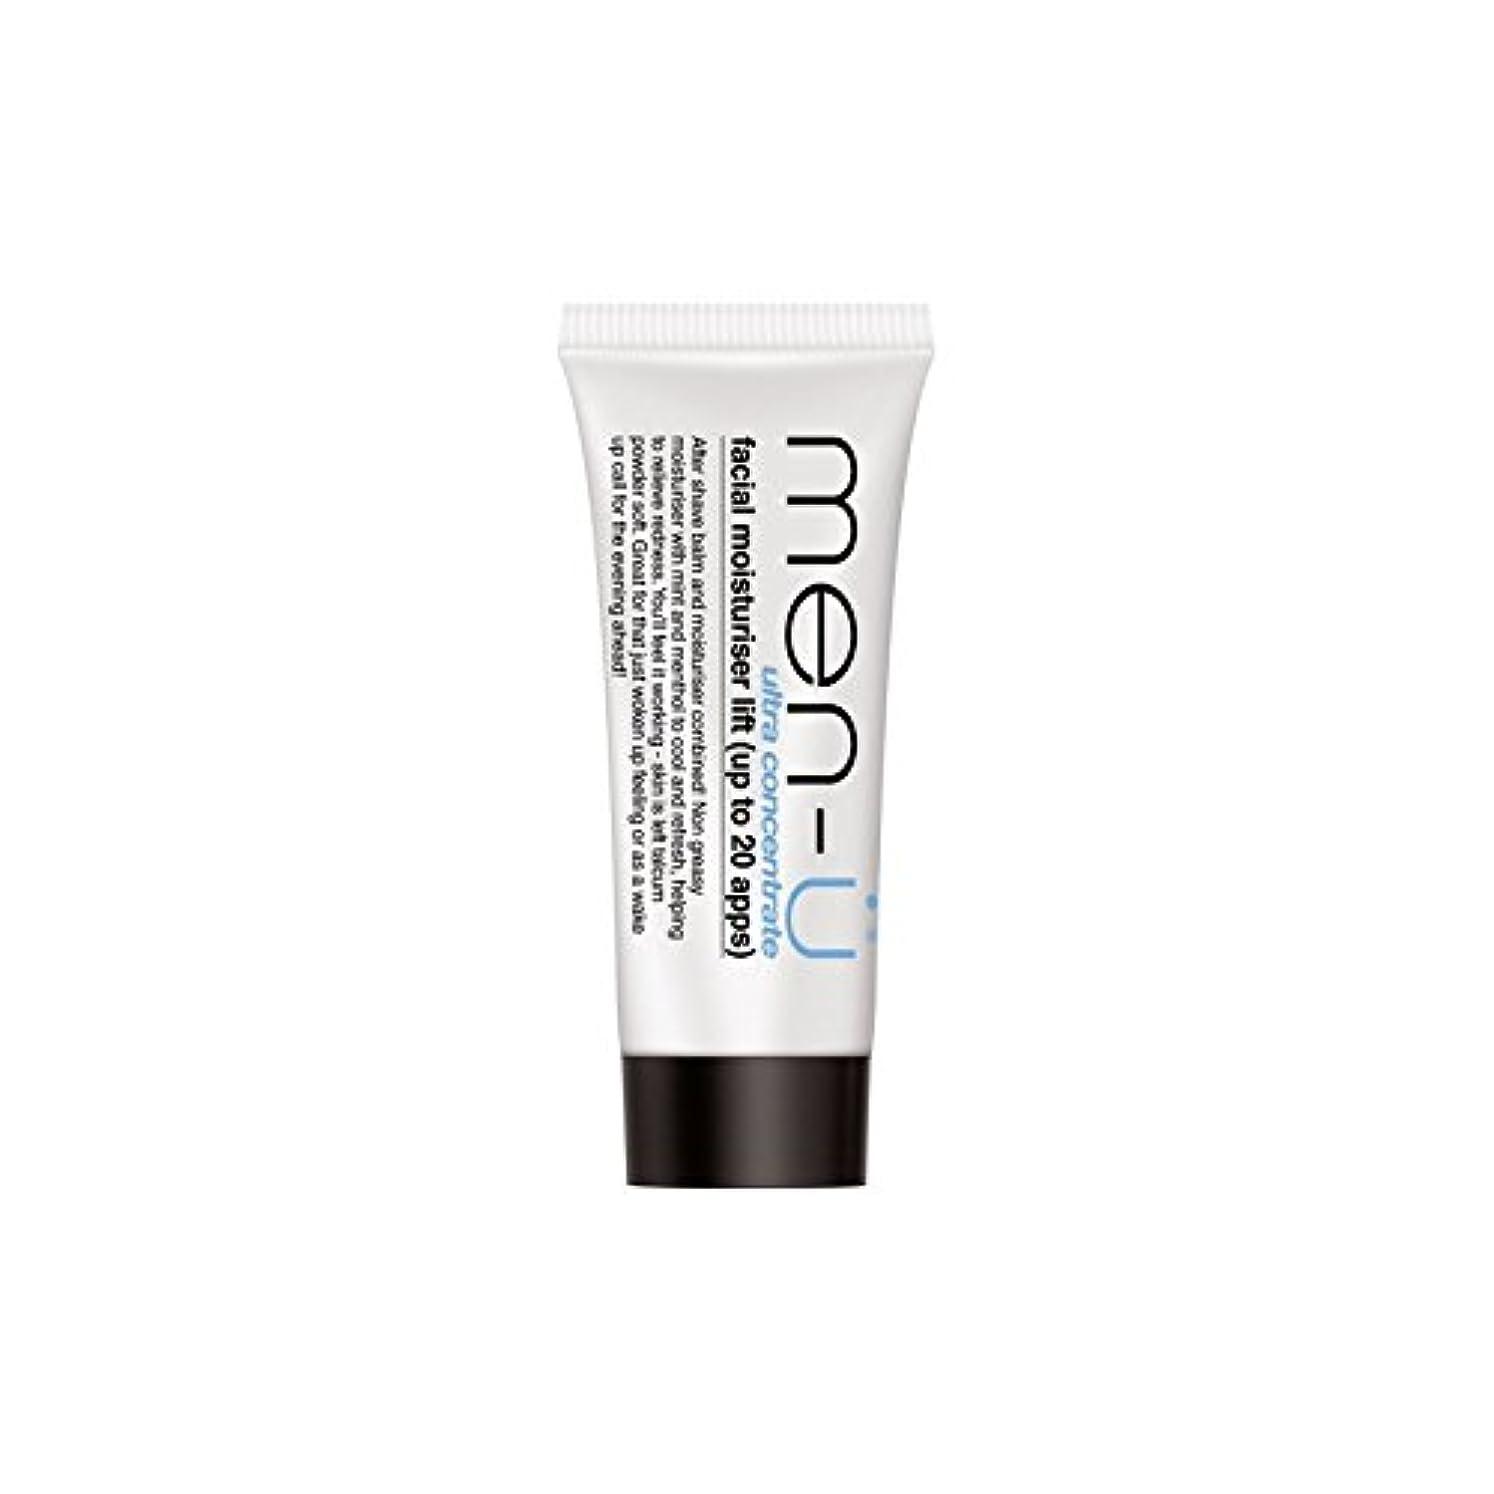 赤ちゃんクライストチャーチ経済的Men-? Buddy Facial Moisturiser Lift Tube (15ml) (Pack of 6) - 男性-のバディ顔の保湿剤のリフトチューブ(15ミリリットル) x6 [並行輸入品]